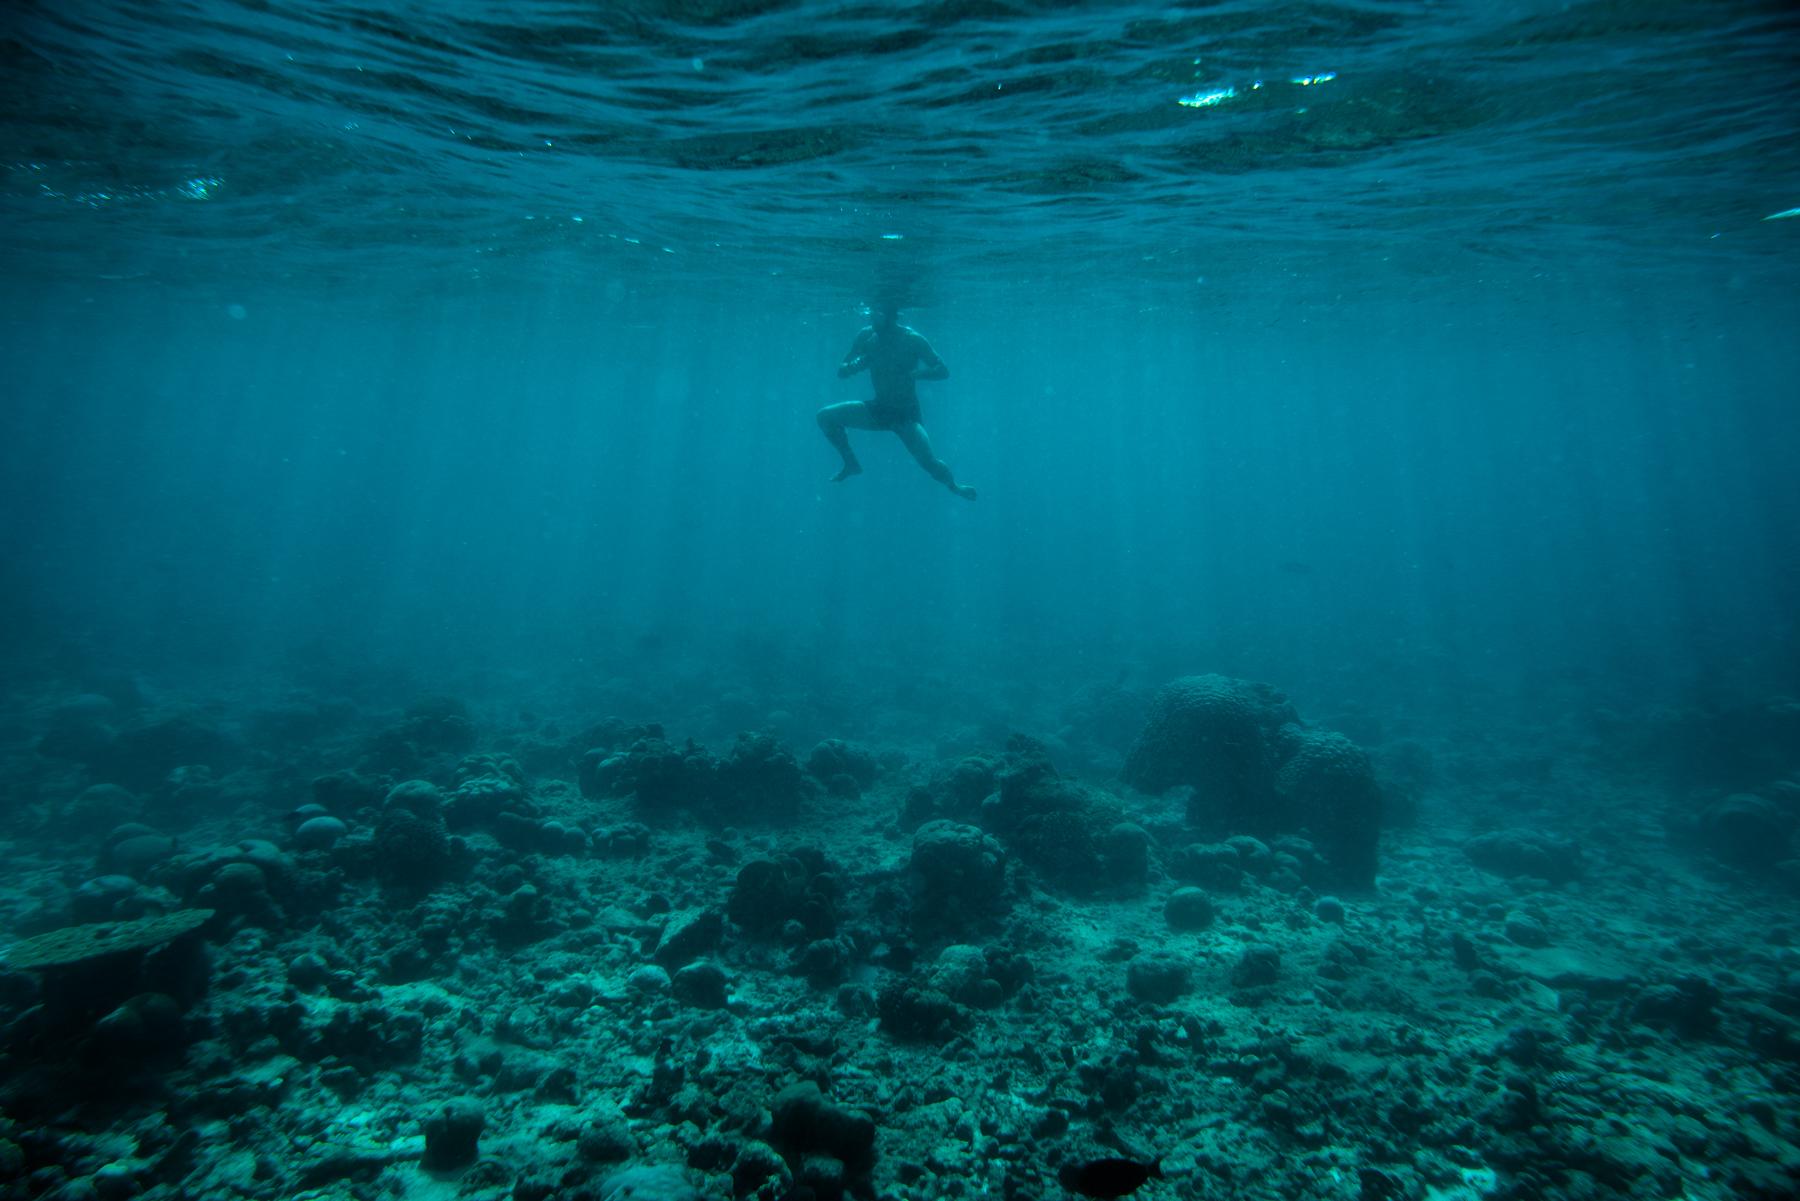 js_still_ocean_surf018